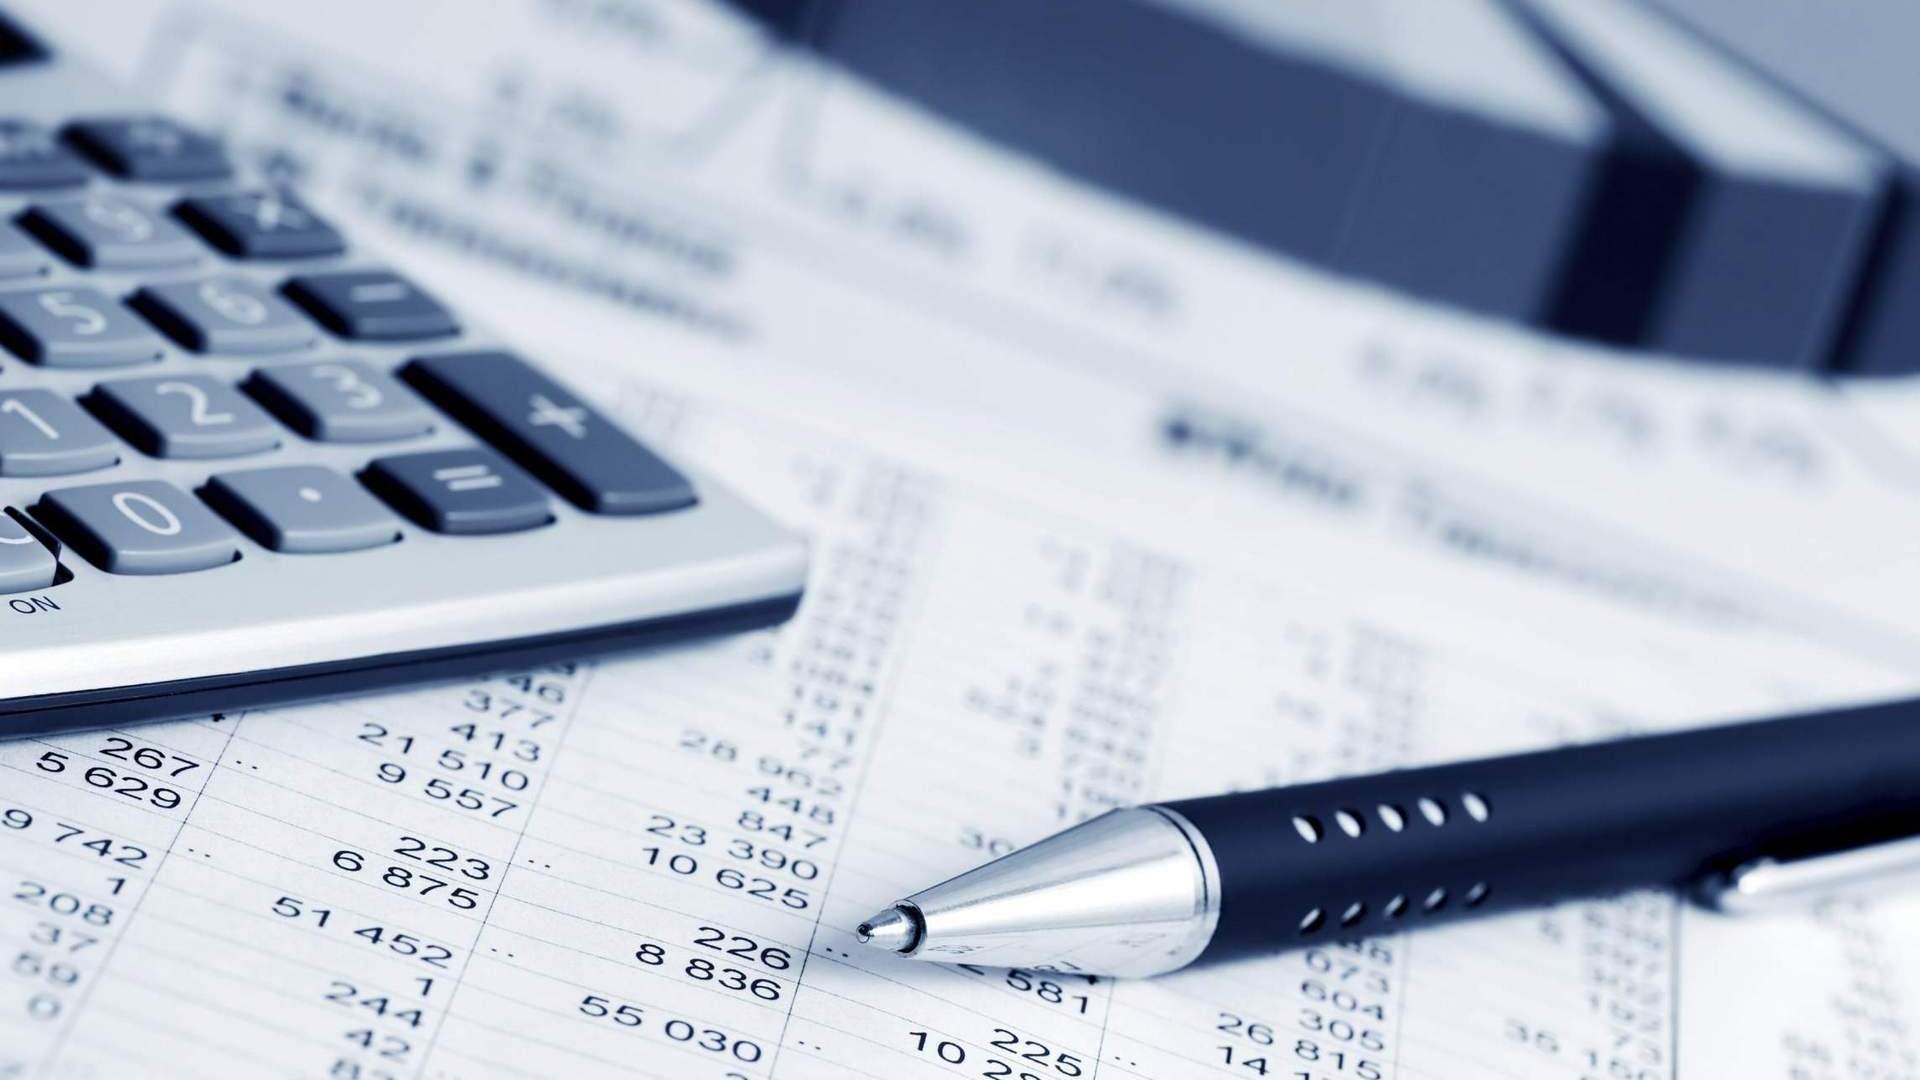 Депутаты предлагают полностью отменить 3-ю группу единого налога: зарегистрирован законопроект № 8089